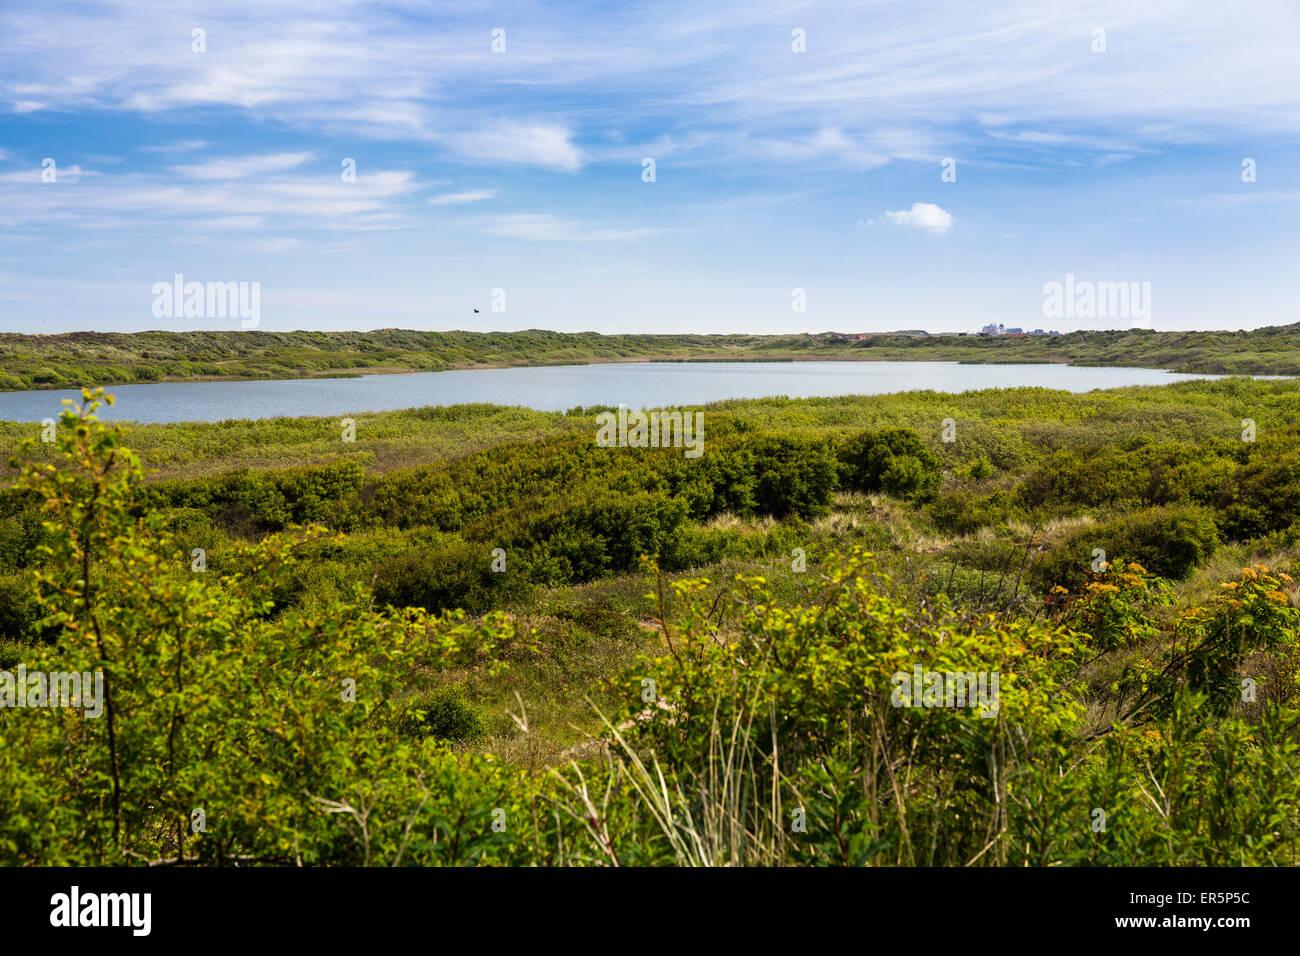 L'île de Juist, lac, Marteau, Nationalpark, Mer du Nord, îles de la Frise orientale, Frise orientale, Photo Stock